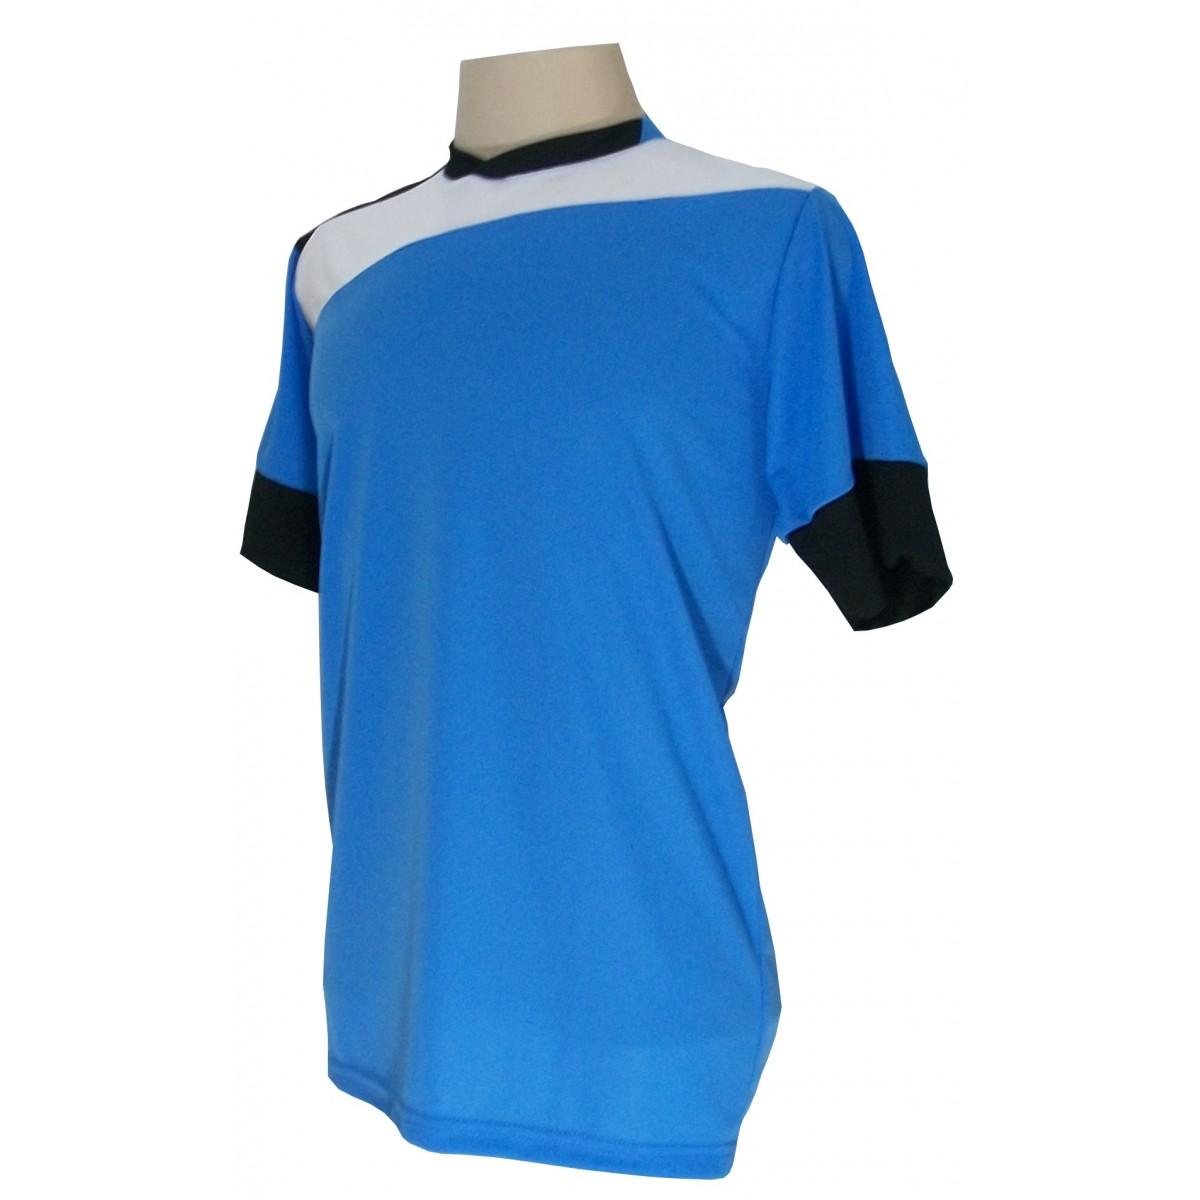 Uniforme Esportivo Completo modelo Sporting 14+1 (14 camisas Celeste/Branco/Preto + 14 calções Madrid Preto + 14 pares de meiões Brancos + 1 conjunto de goleiro) + Brindes